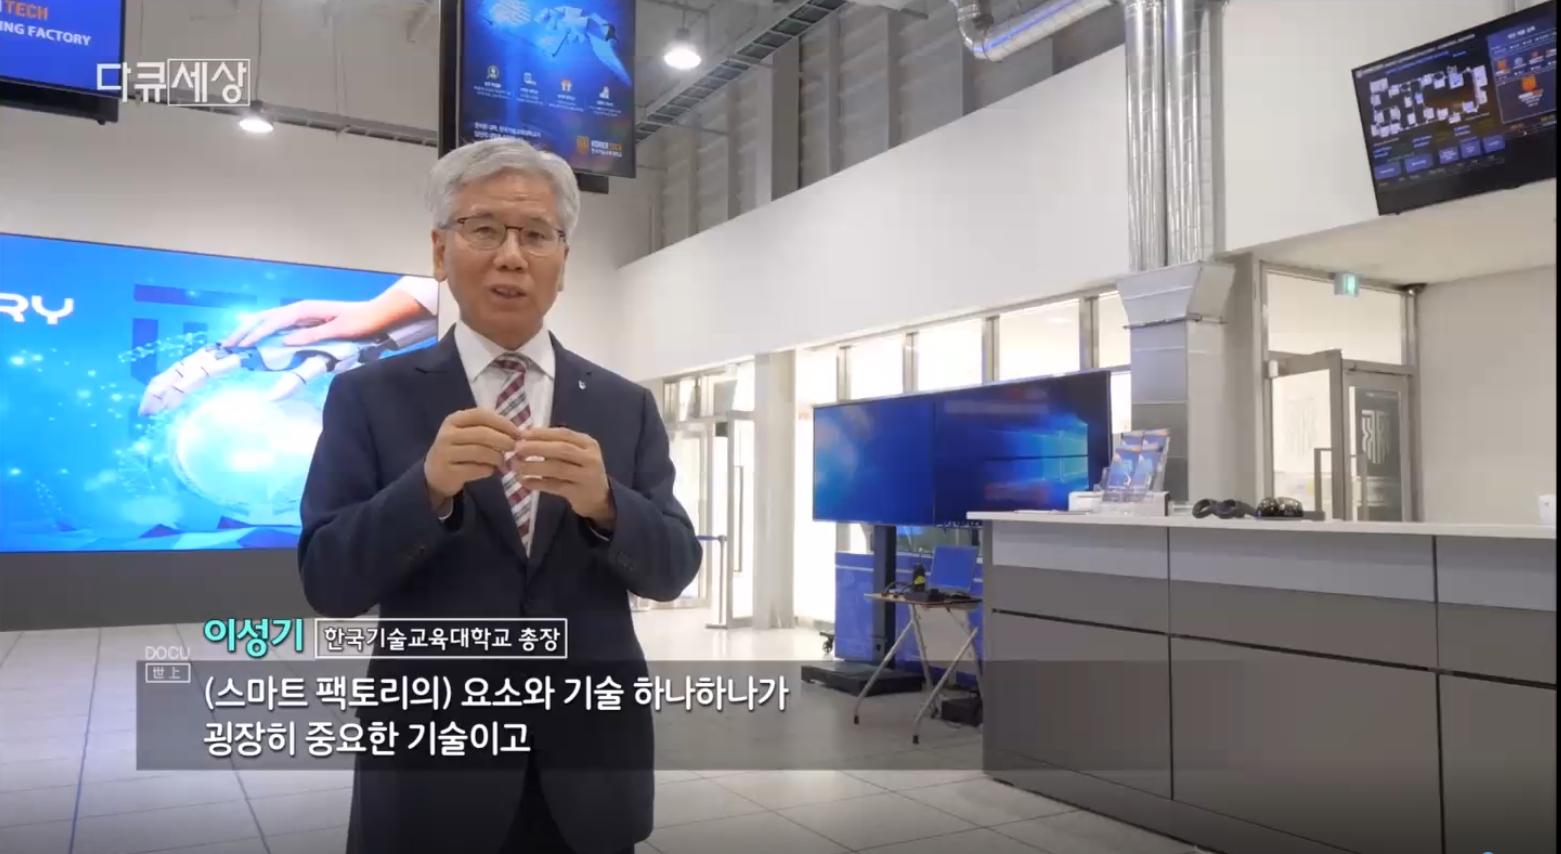 [KBS1TV- 다큐세상] 한국기술교육대학교 스마트러닝팩토리